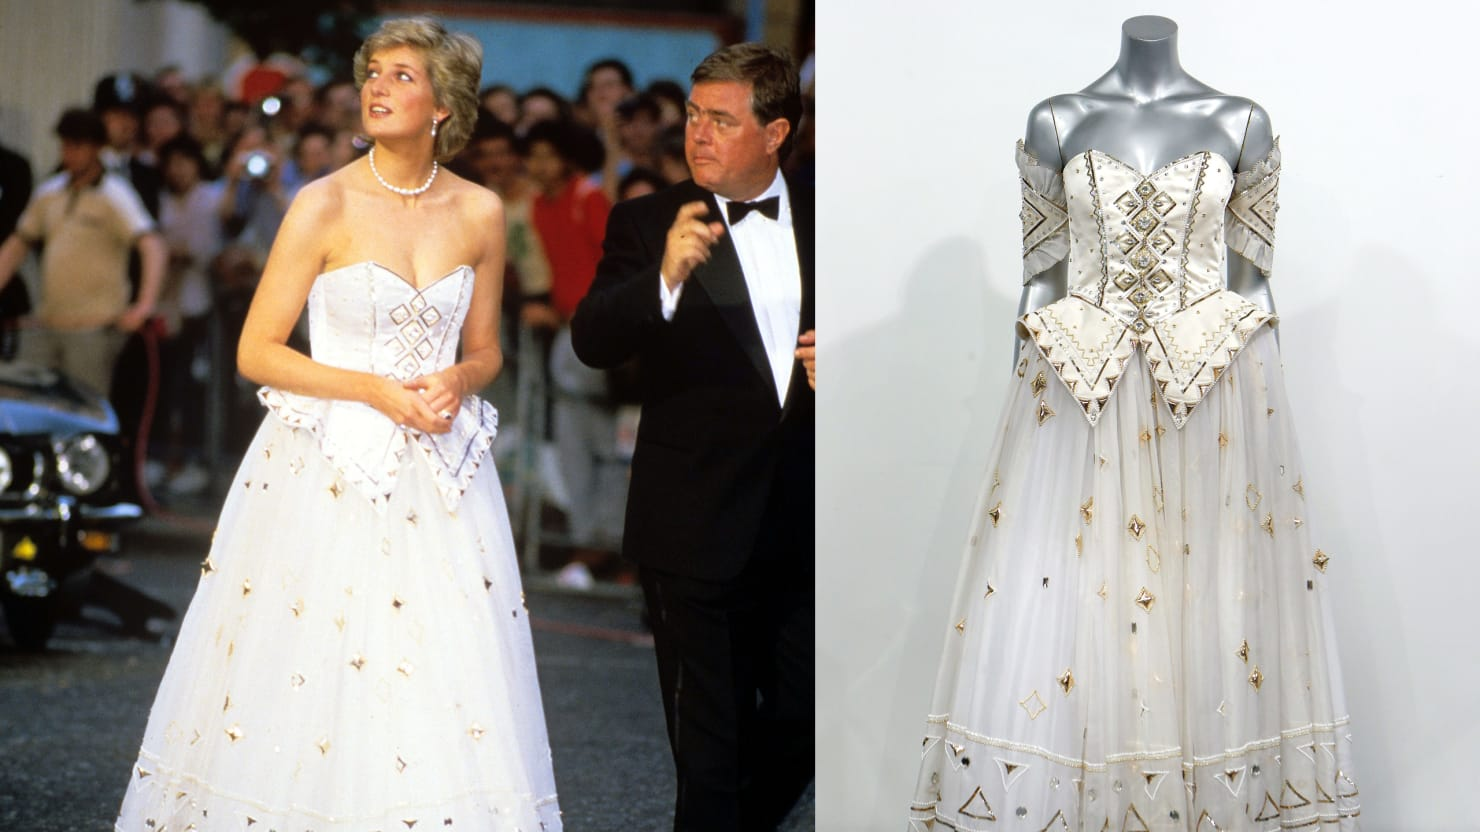 Princes Diana Dress Makes $140,000